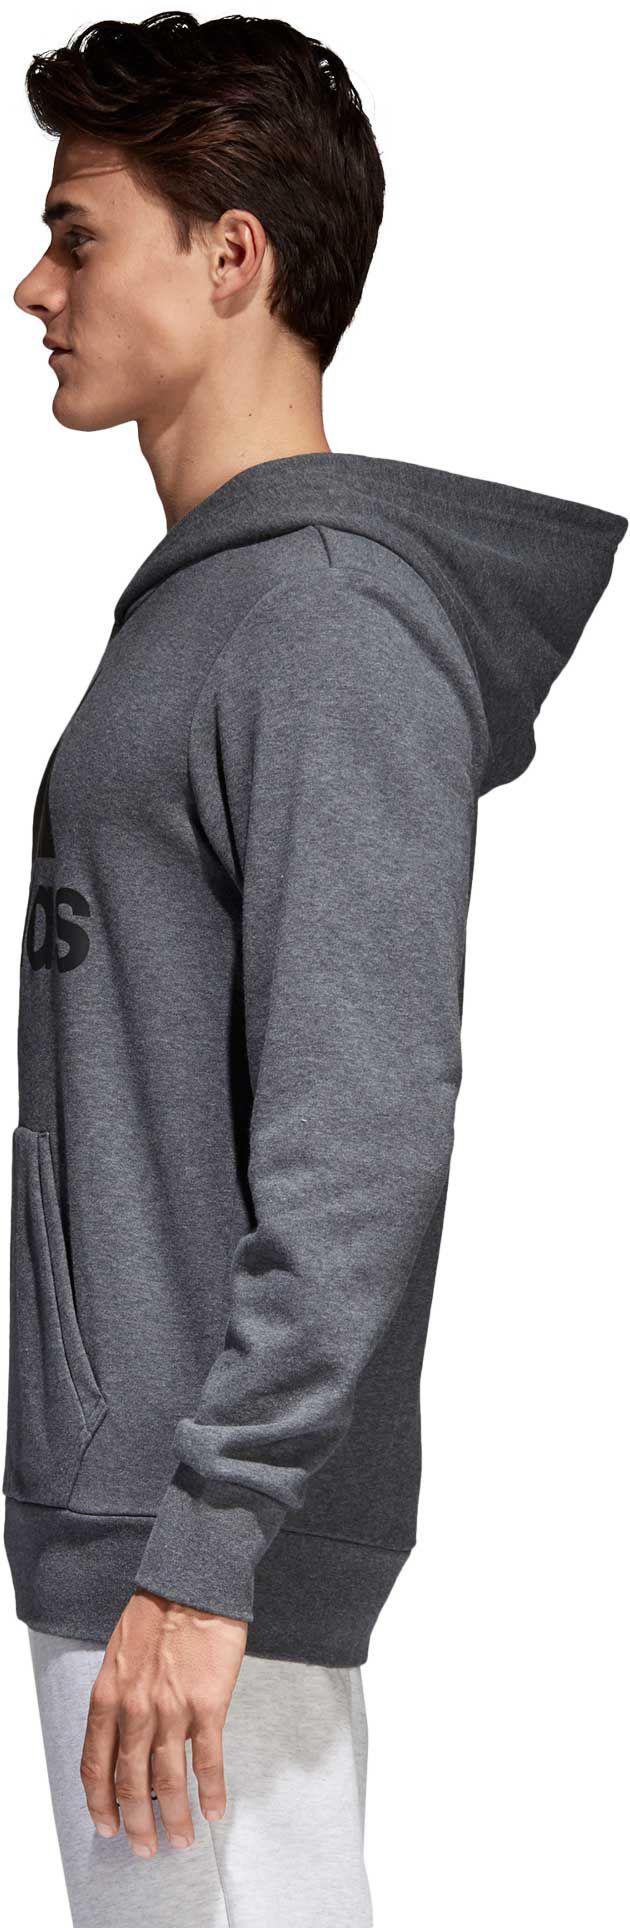 Lyst Adidas Essenziale Lineare Pullover Gli Cappuccio In Grigio Per Gli Pullover Uomini. f72853